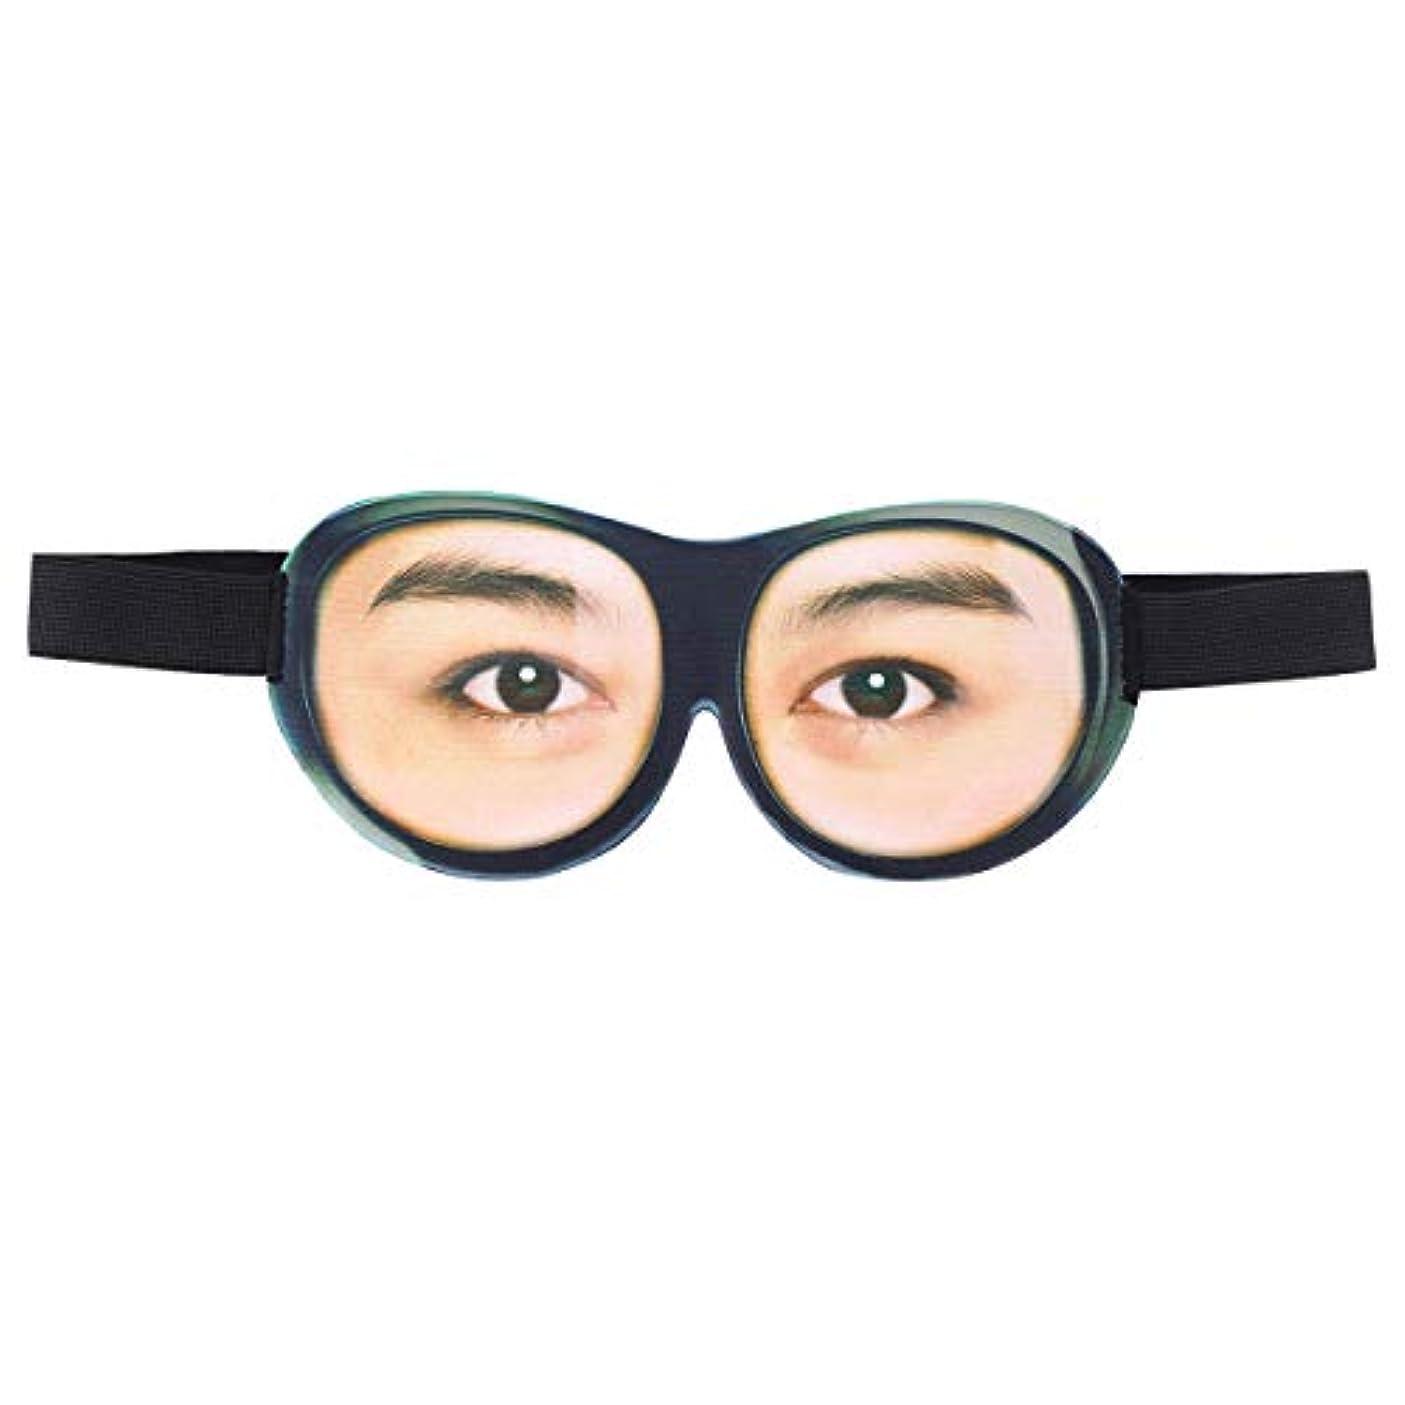 コンプライアンスハーネス不器用Healifty 3D面白いアイシェード睡眠マスク旅行アイマスク目隠し睡眠ヘルパーアイシェード男性女性旅行昼寝と深い眠り(優しいふりをする)